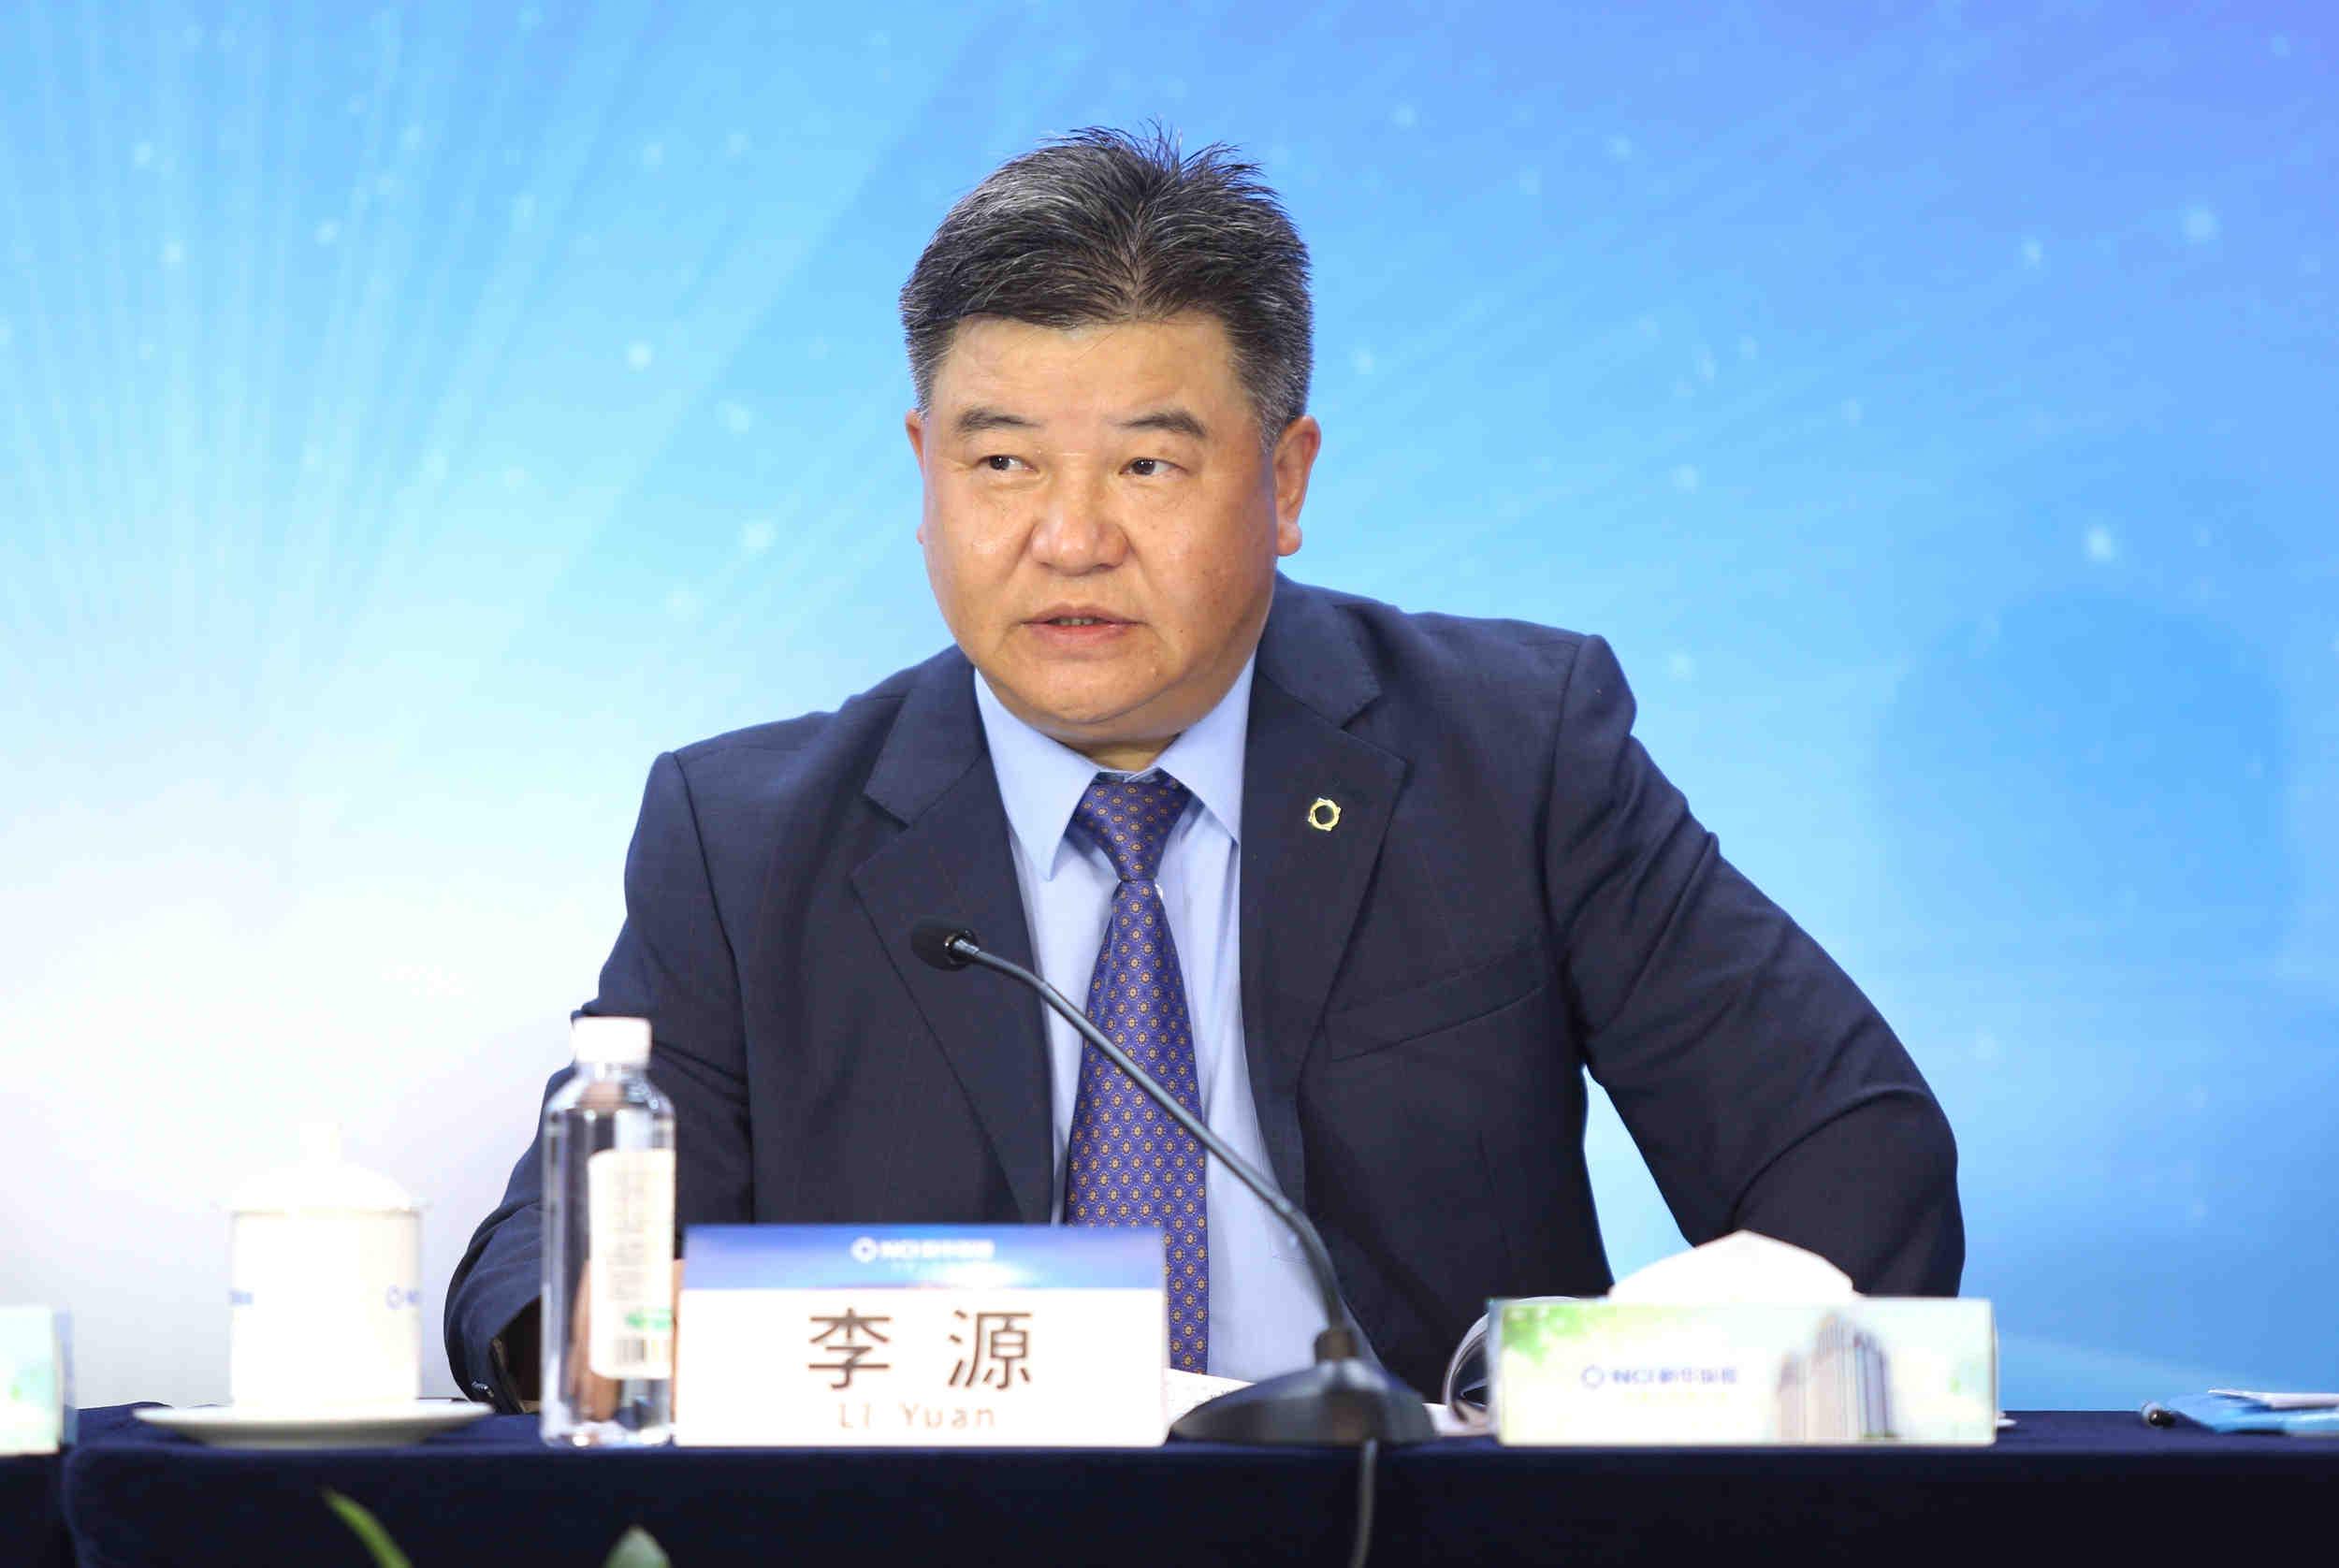 新华保险李源谈个险人力缩减:代理人月收入不足4000元 与队伍留存率不匹配